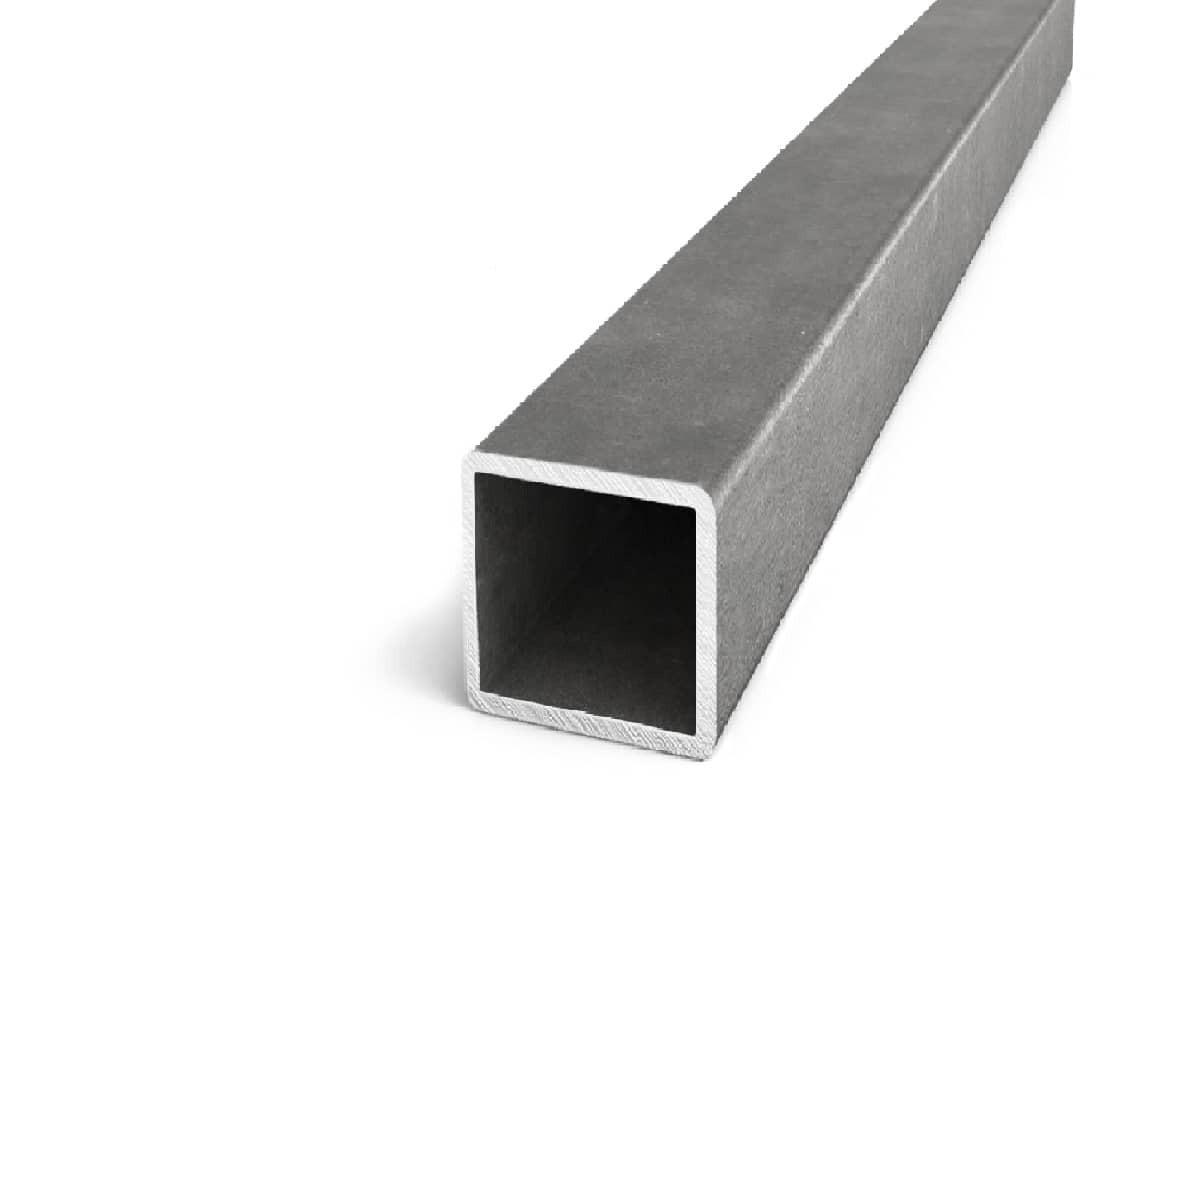 Труба профильная квадратная оцинкованная 40x40/2,0 6000